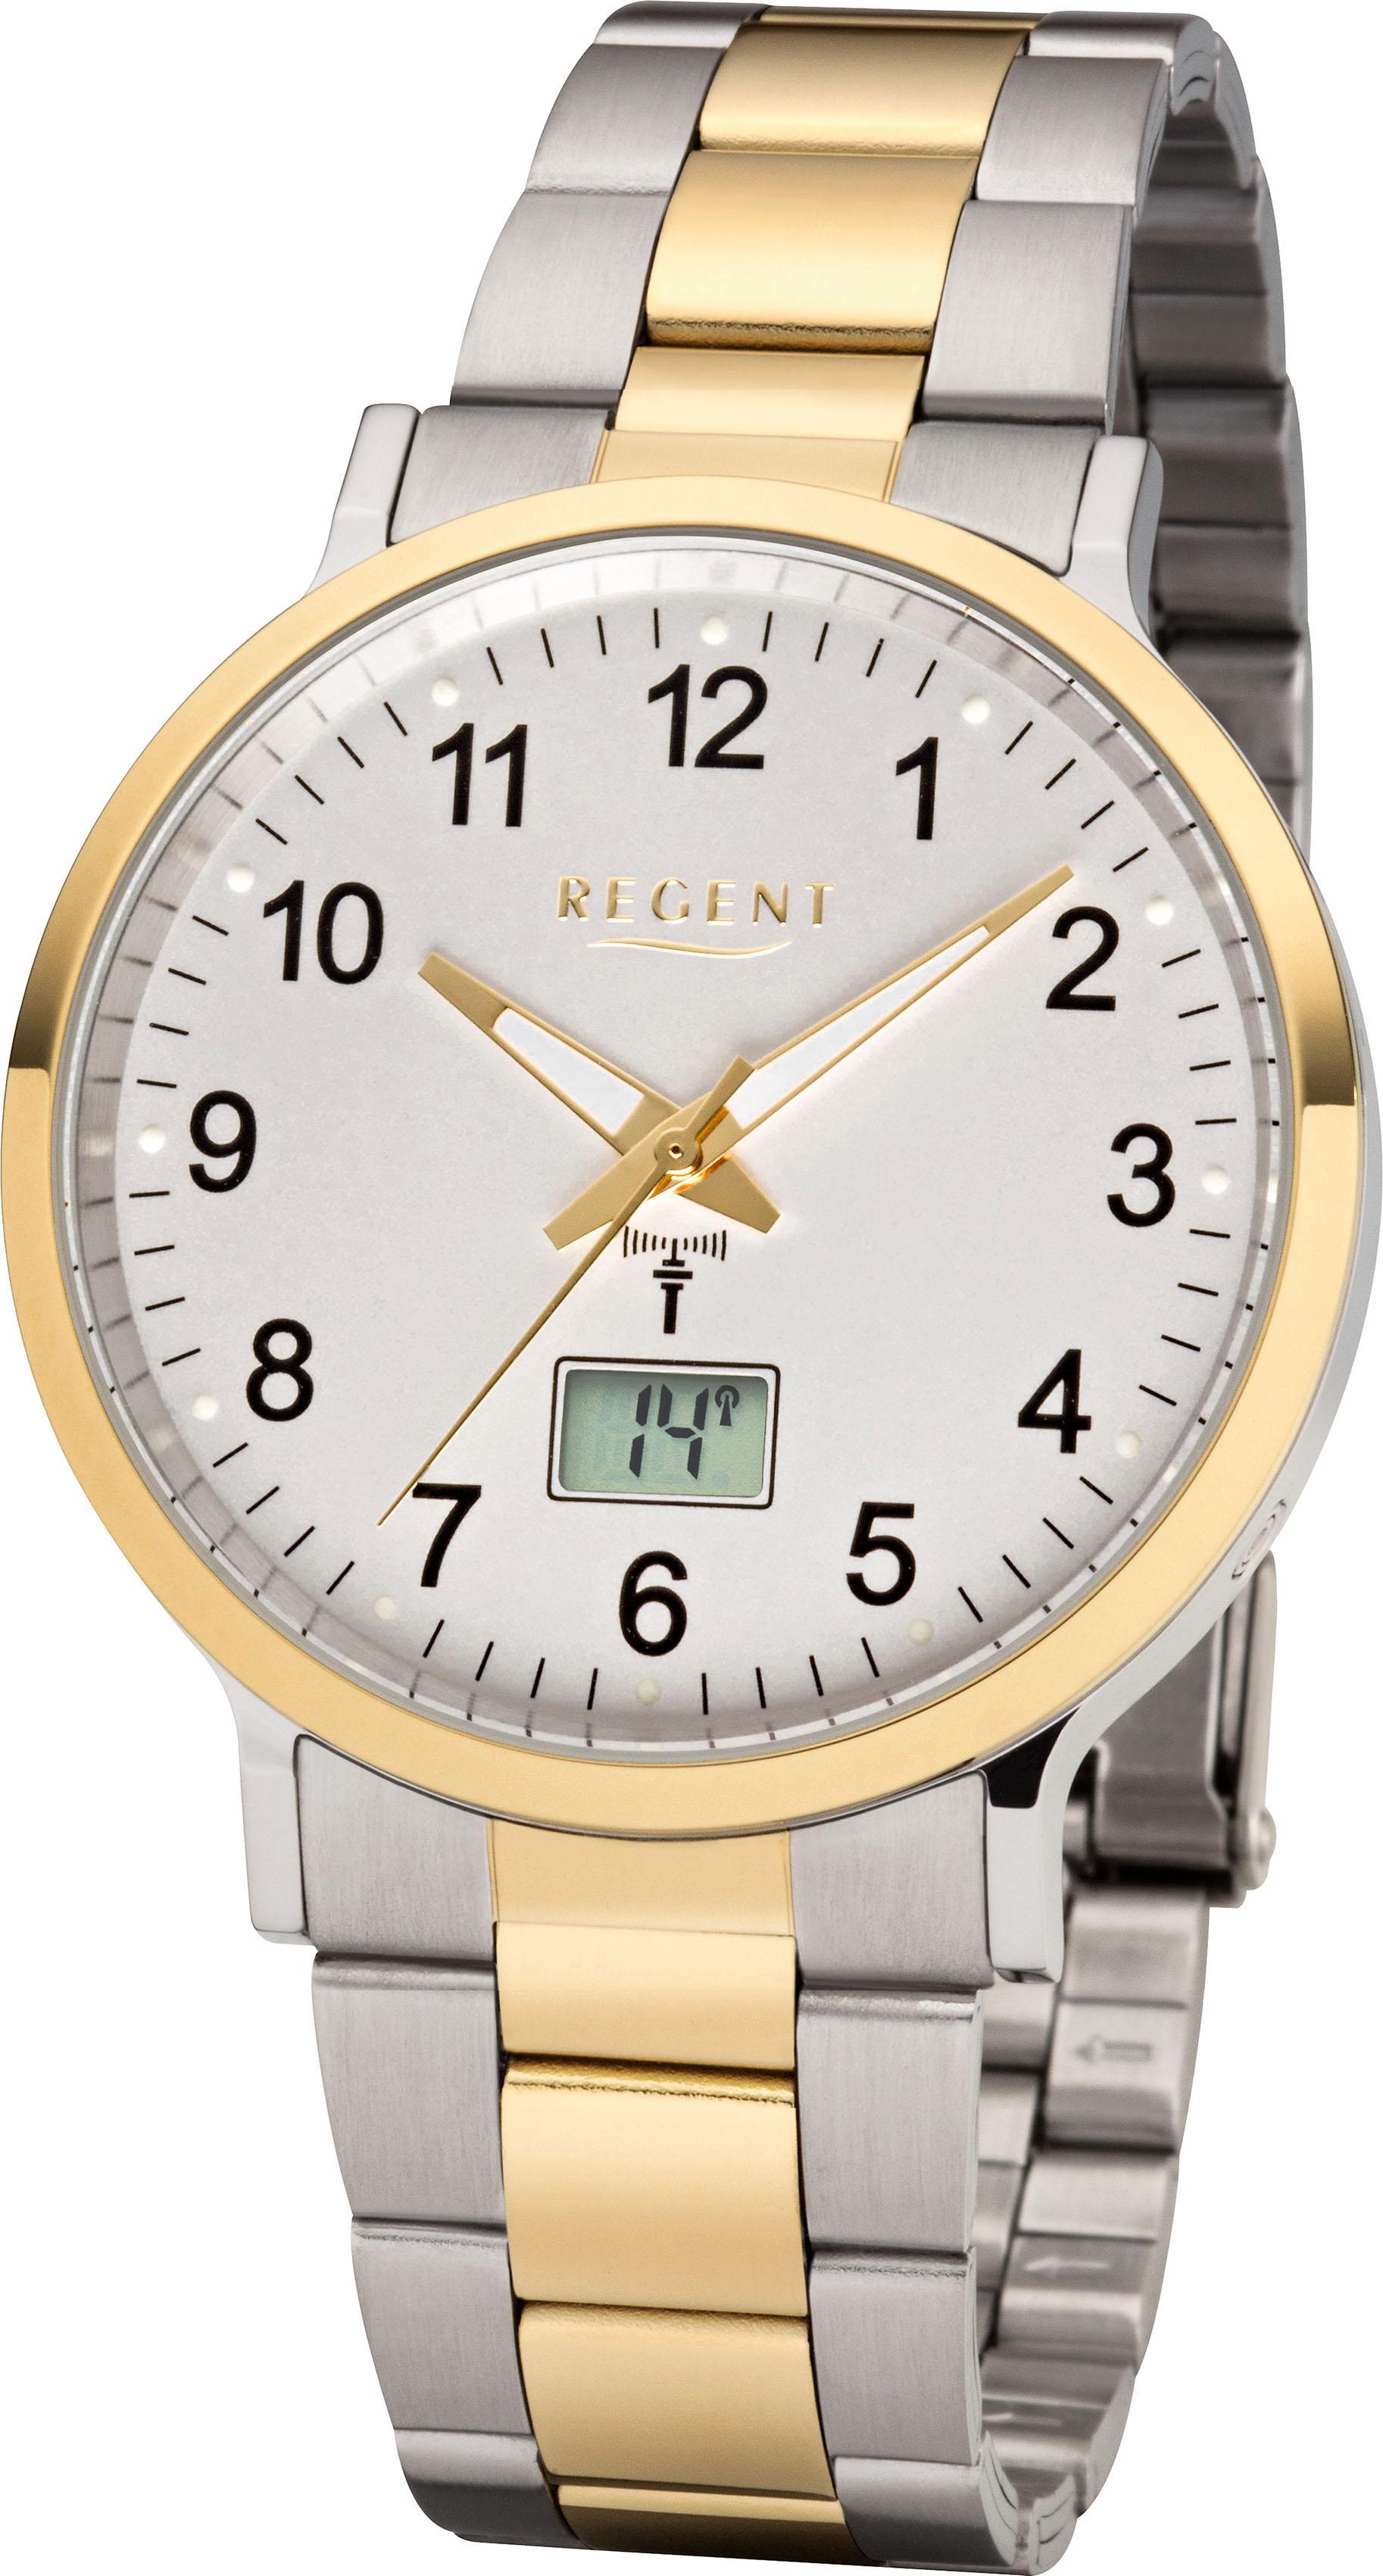 Regent Funkuhr 11030171 günstig online kaufen